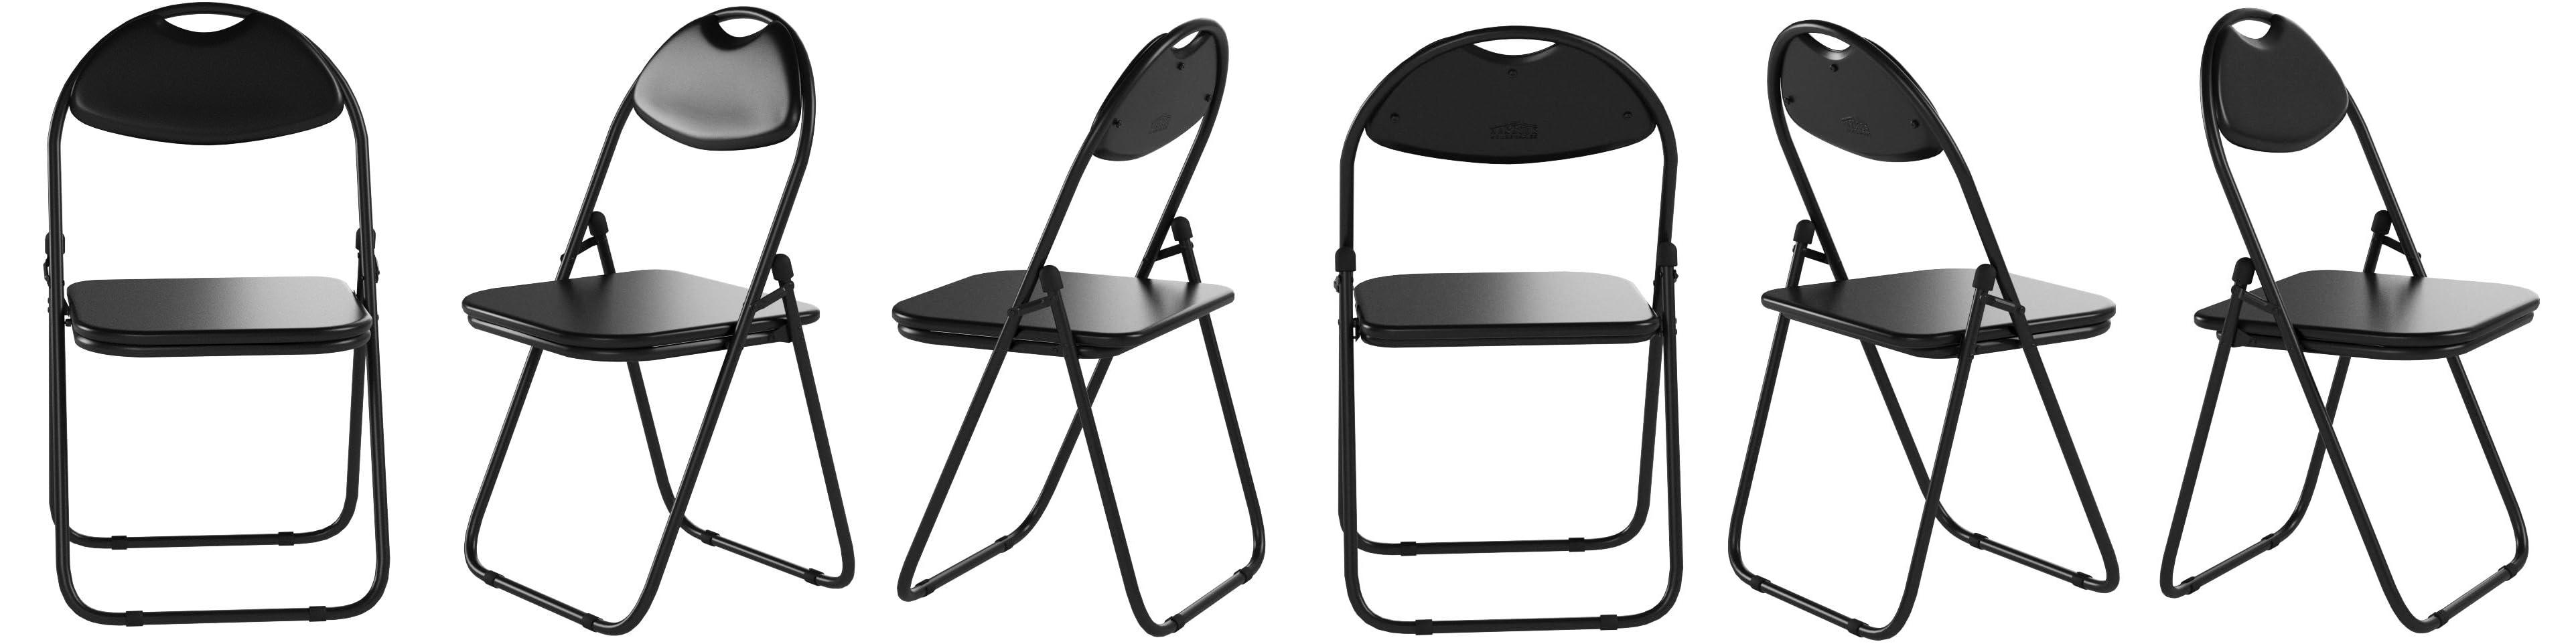 Silla de escritorio plegable - Con acolchado y estructura en negro - Pack de 6